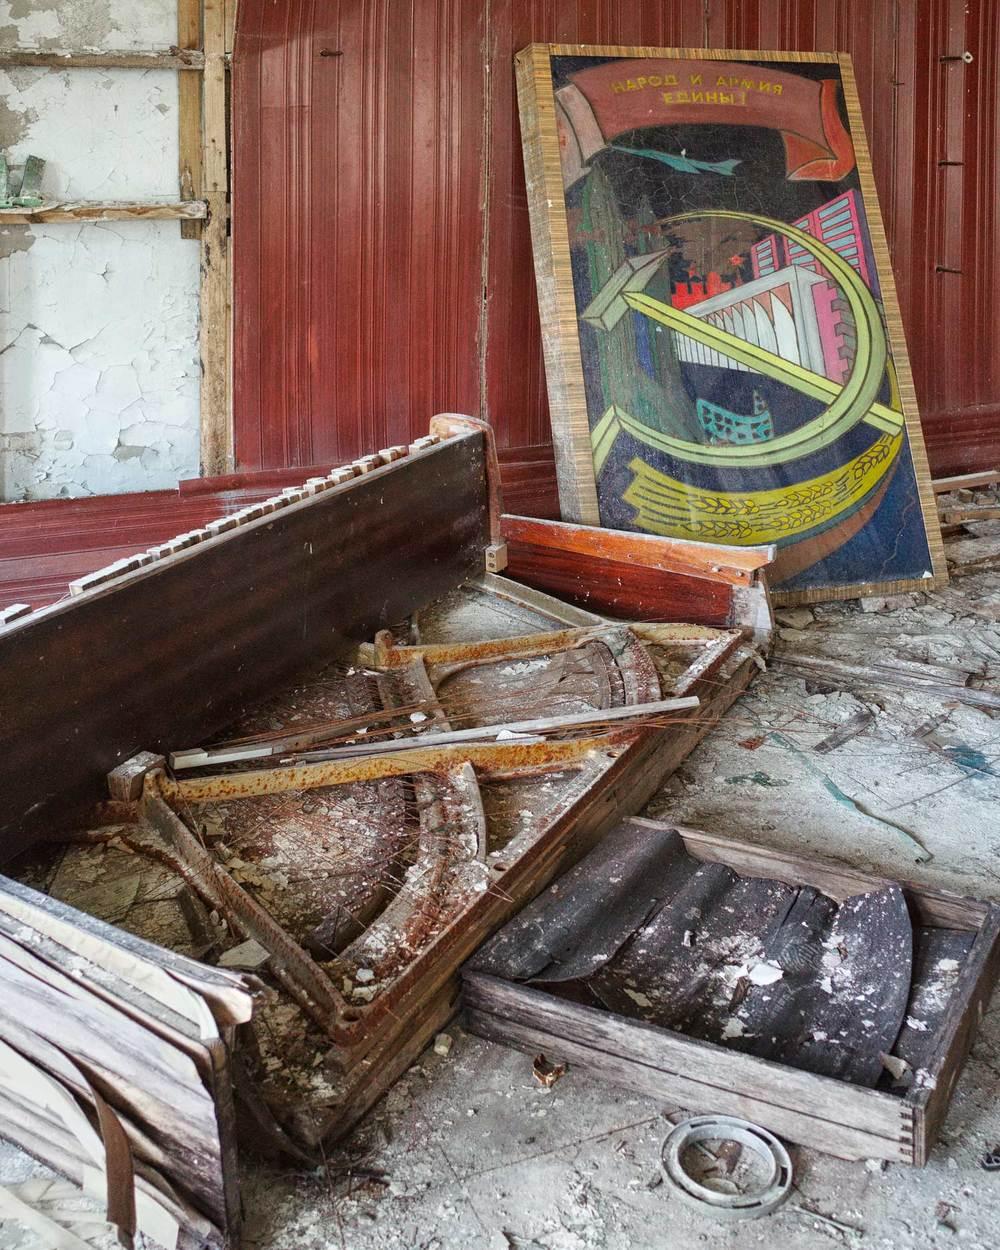 271_chernobyl_Chernobyl2_ControlCenter_w.jpg